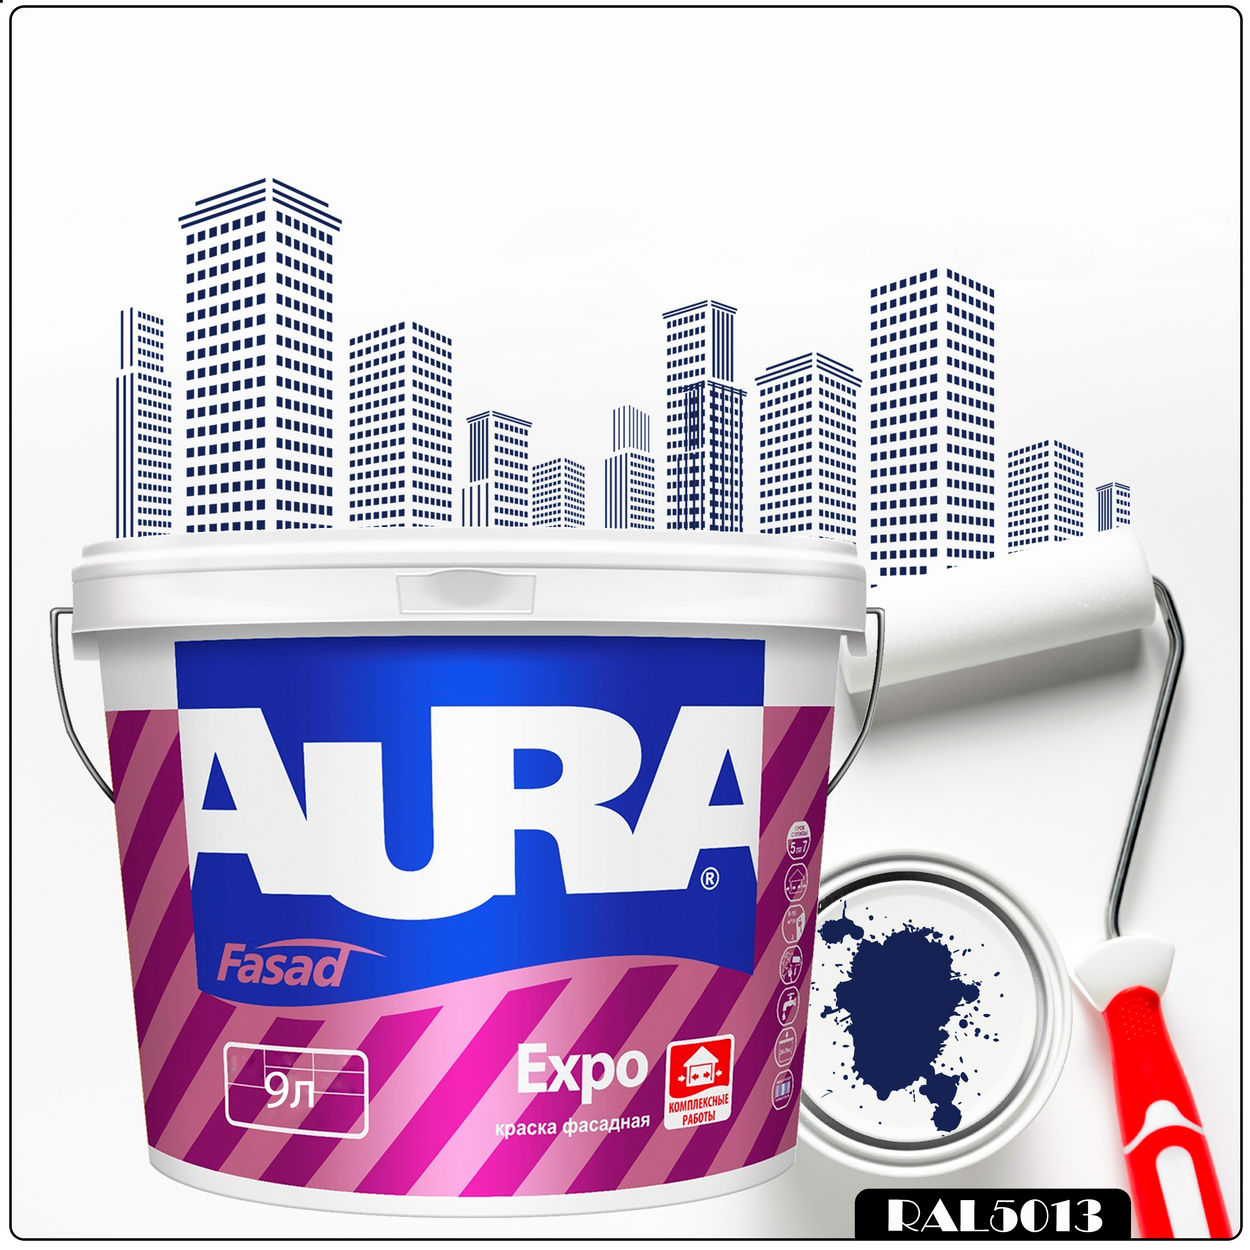 Фото 13 - Краска Aura Fasad Expo, RAL 5013 Кобальтово-синий, матовая, для фасадов и помещений с повышенной влажностью, 9л.